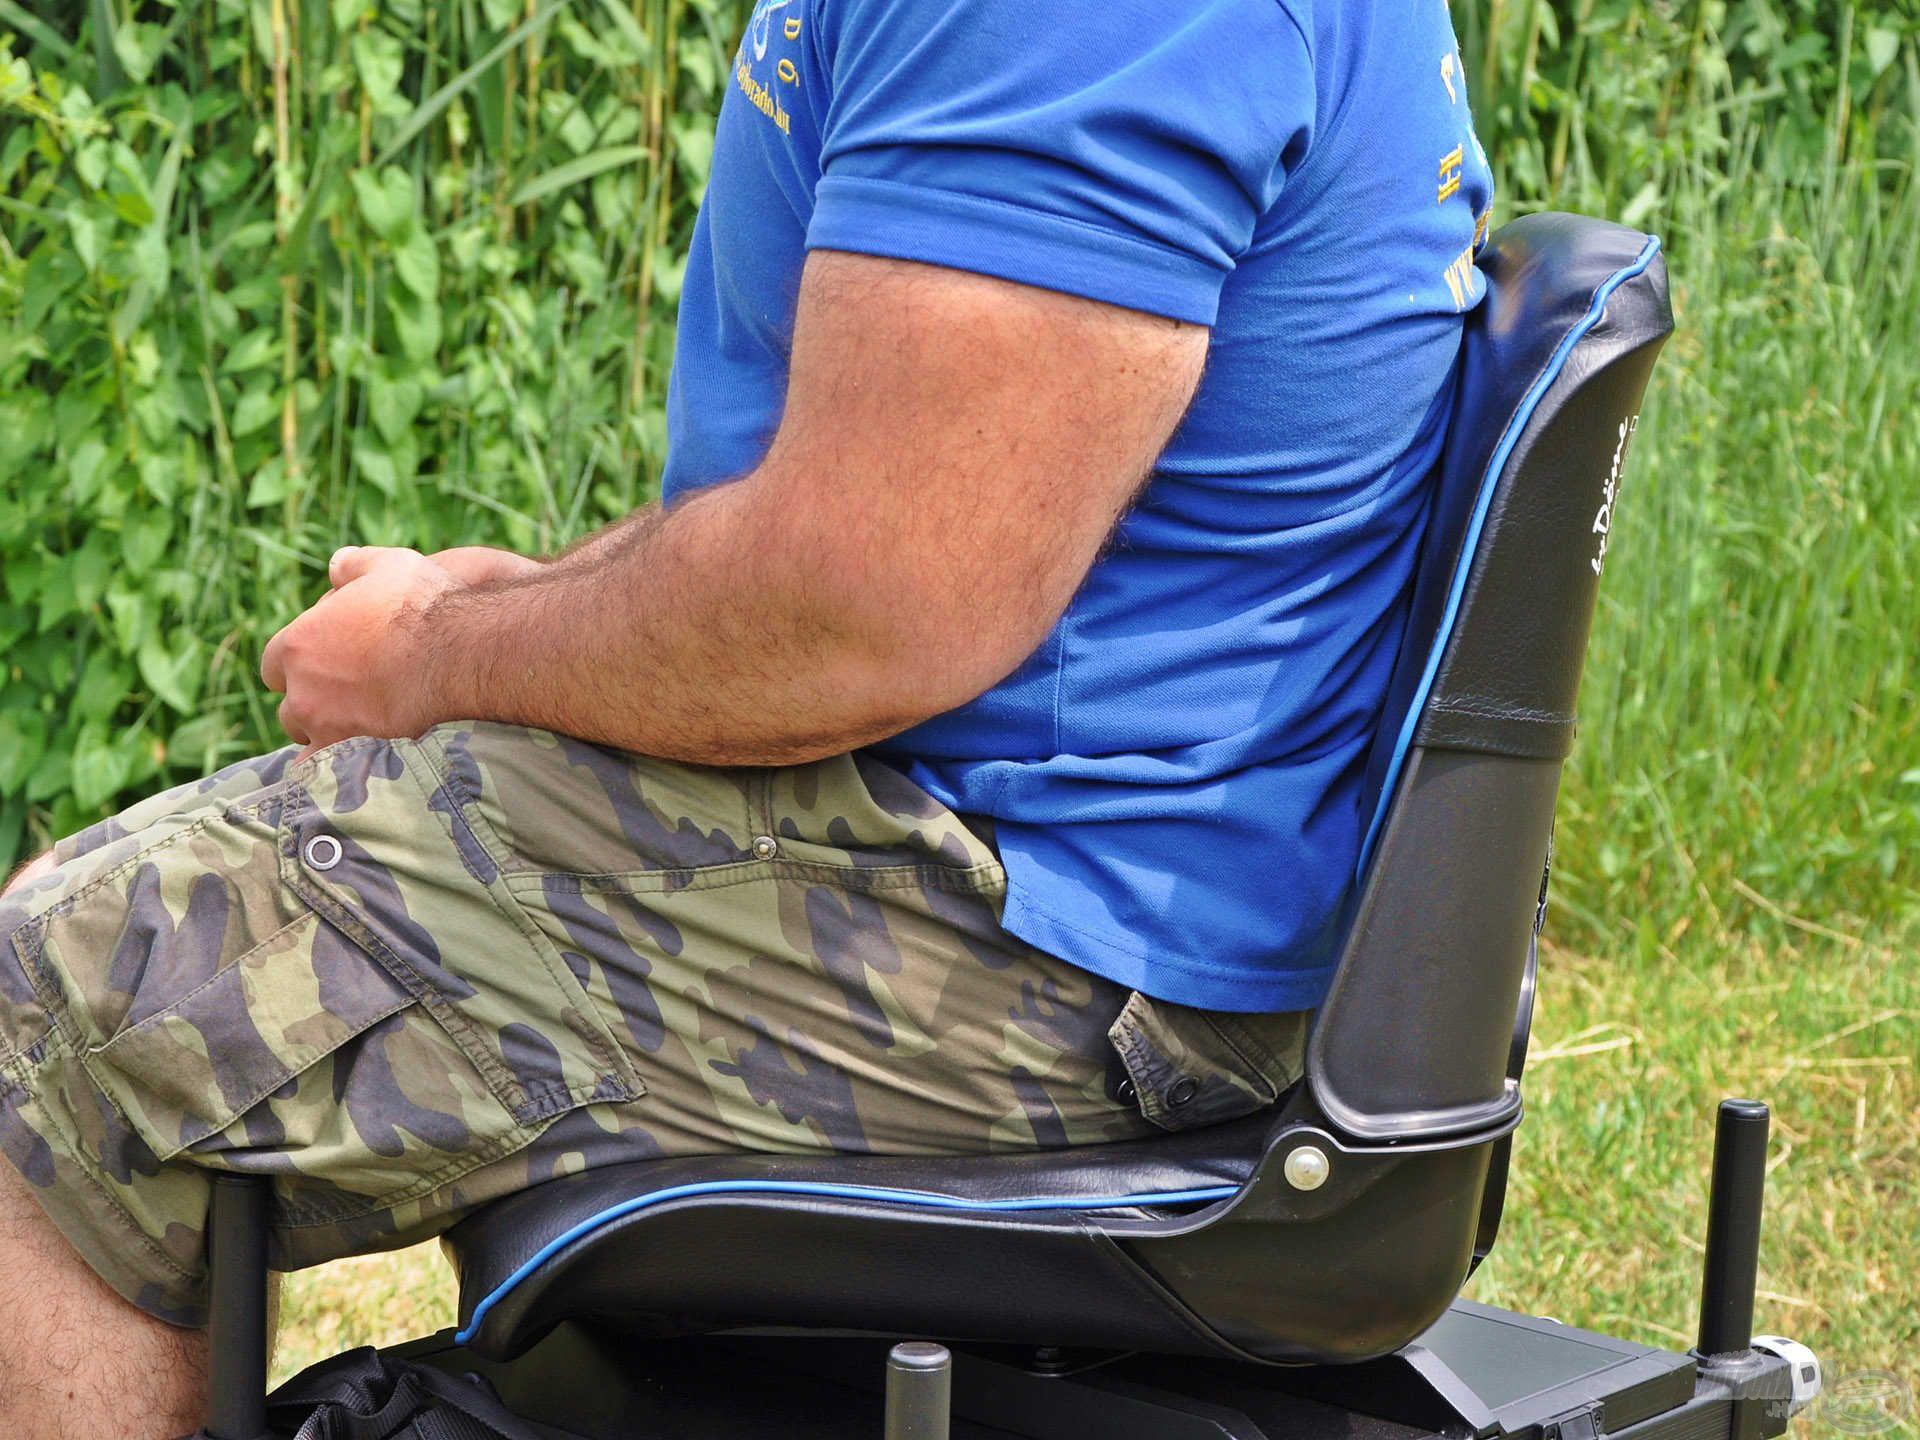 … illetve a derekat is kellemesen megtámasztó háttámla biztosítja a komfortérzetet akár egy egész napos horgászat során is!